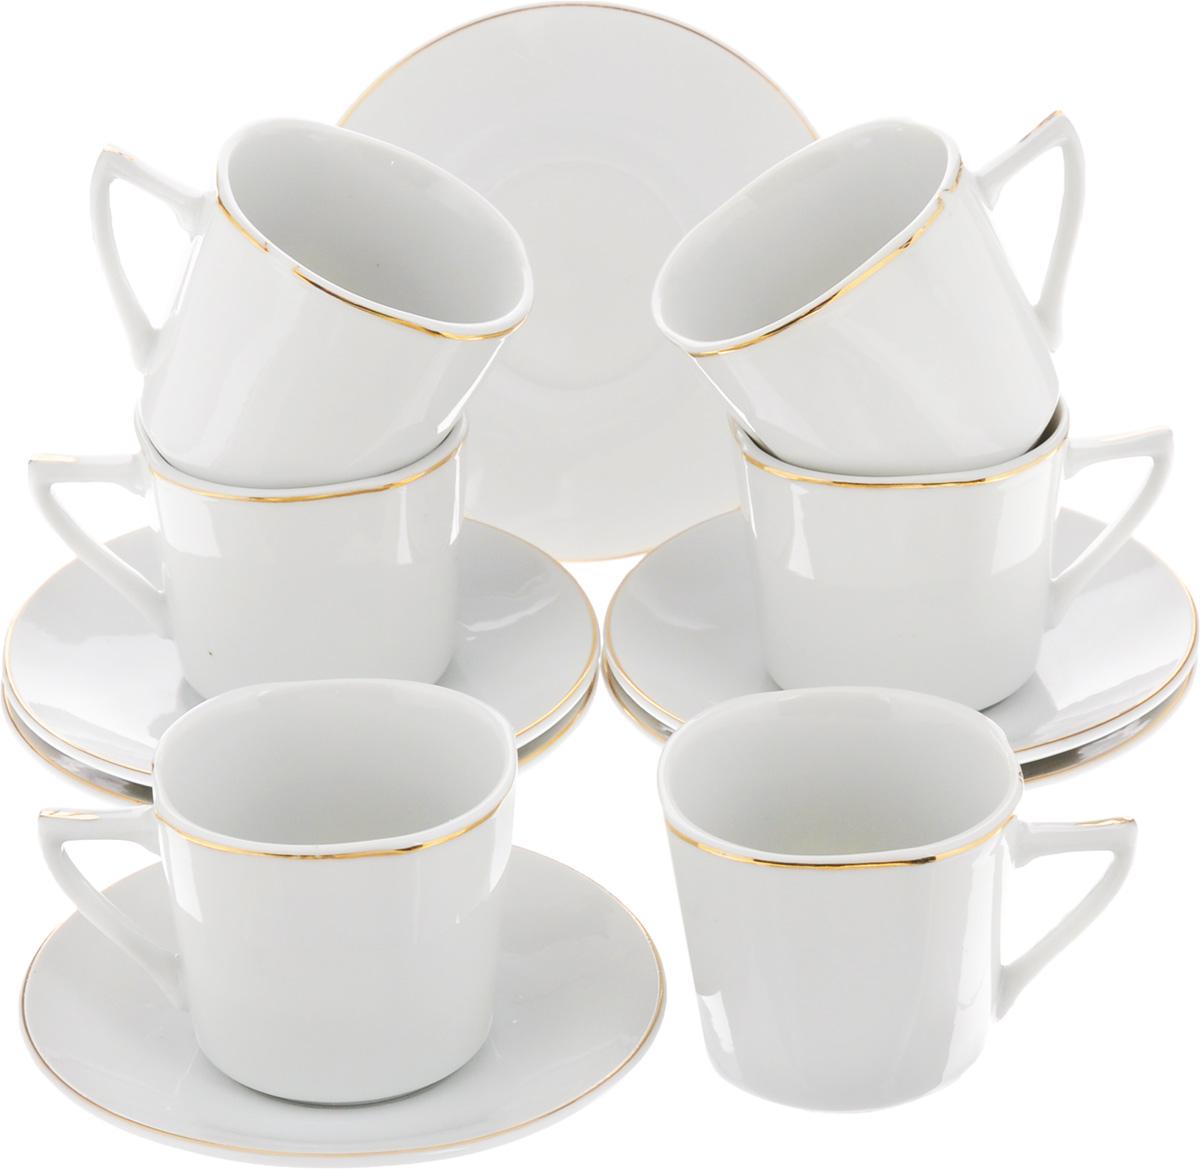 Набор кофейный Loraine, 12 предметов. 2560825608Кофейный набор Loraine состоит из 6 чашек и 6 блюдец. Изделия выполнены из высококачественного фарфора и оформлены золотистой каймой. Такой набор станет прекрасным украшением стола и порадует гостей изысканным дизайном и утонченностью. Набор упакован в подарочную коробку, задрапированную внутри белой атласной тканью. Объем чашки: 90 мл. Диаметр чашки (по верхнему краю): 6 см. Высота чашки: 5,5 см. Диаметр блюдца (по верхнему краю): 10,5 см. Высота блюдца: 2 см.